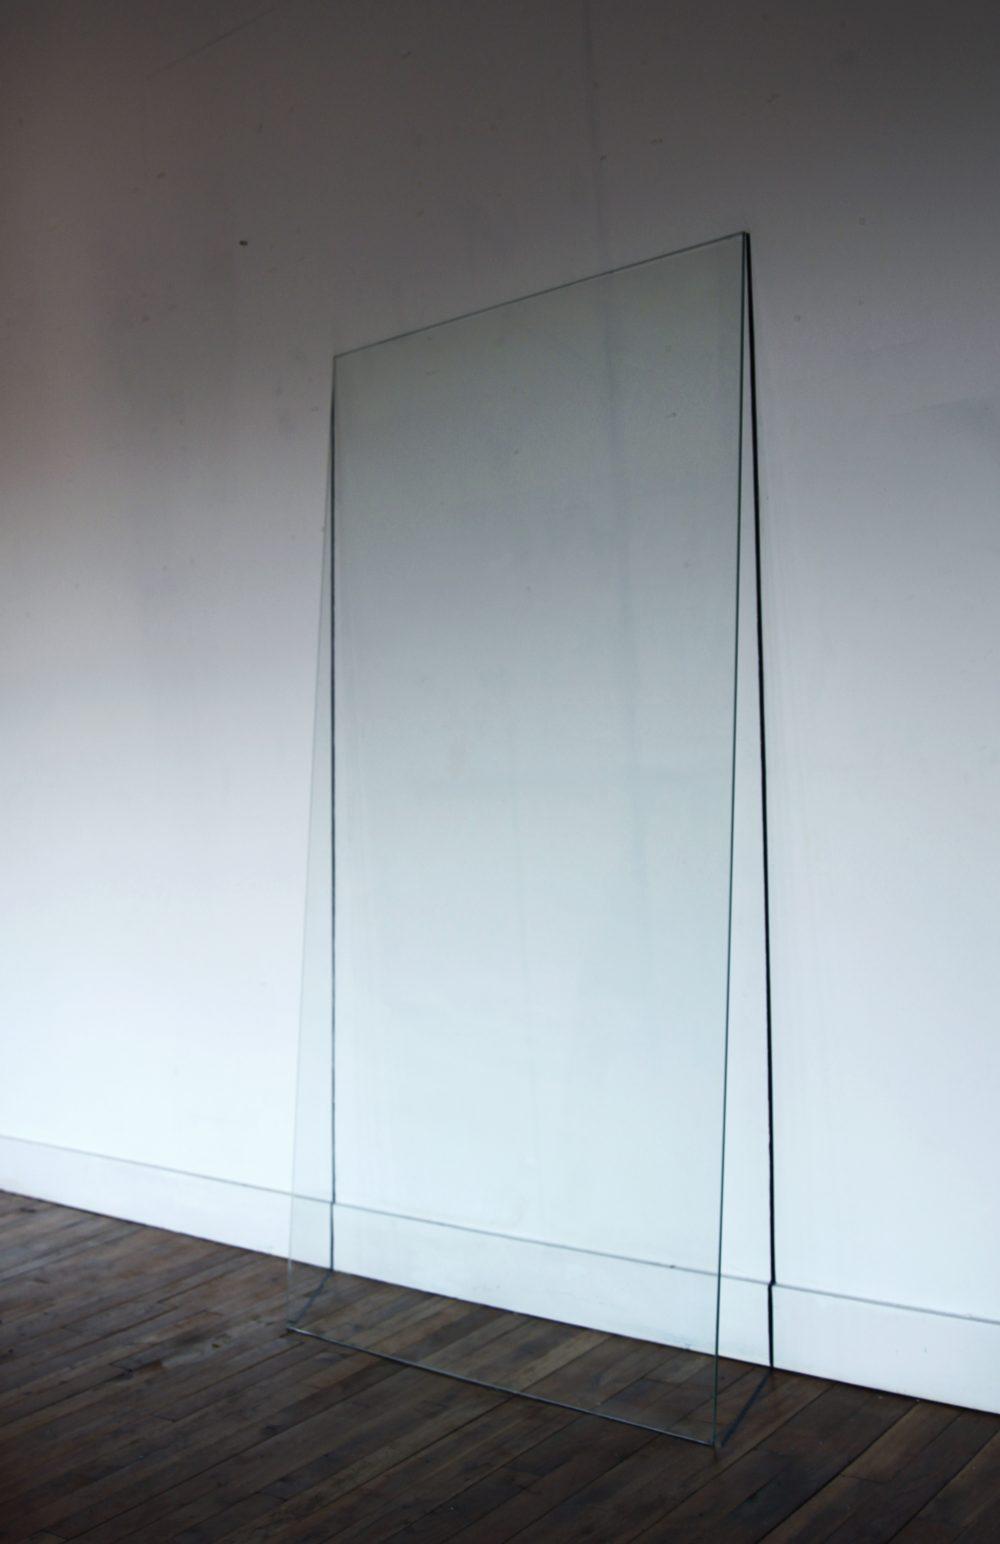 verre et adhésif, 250 cm